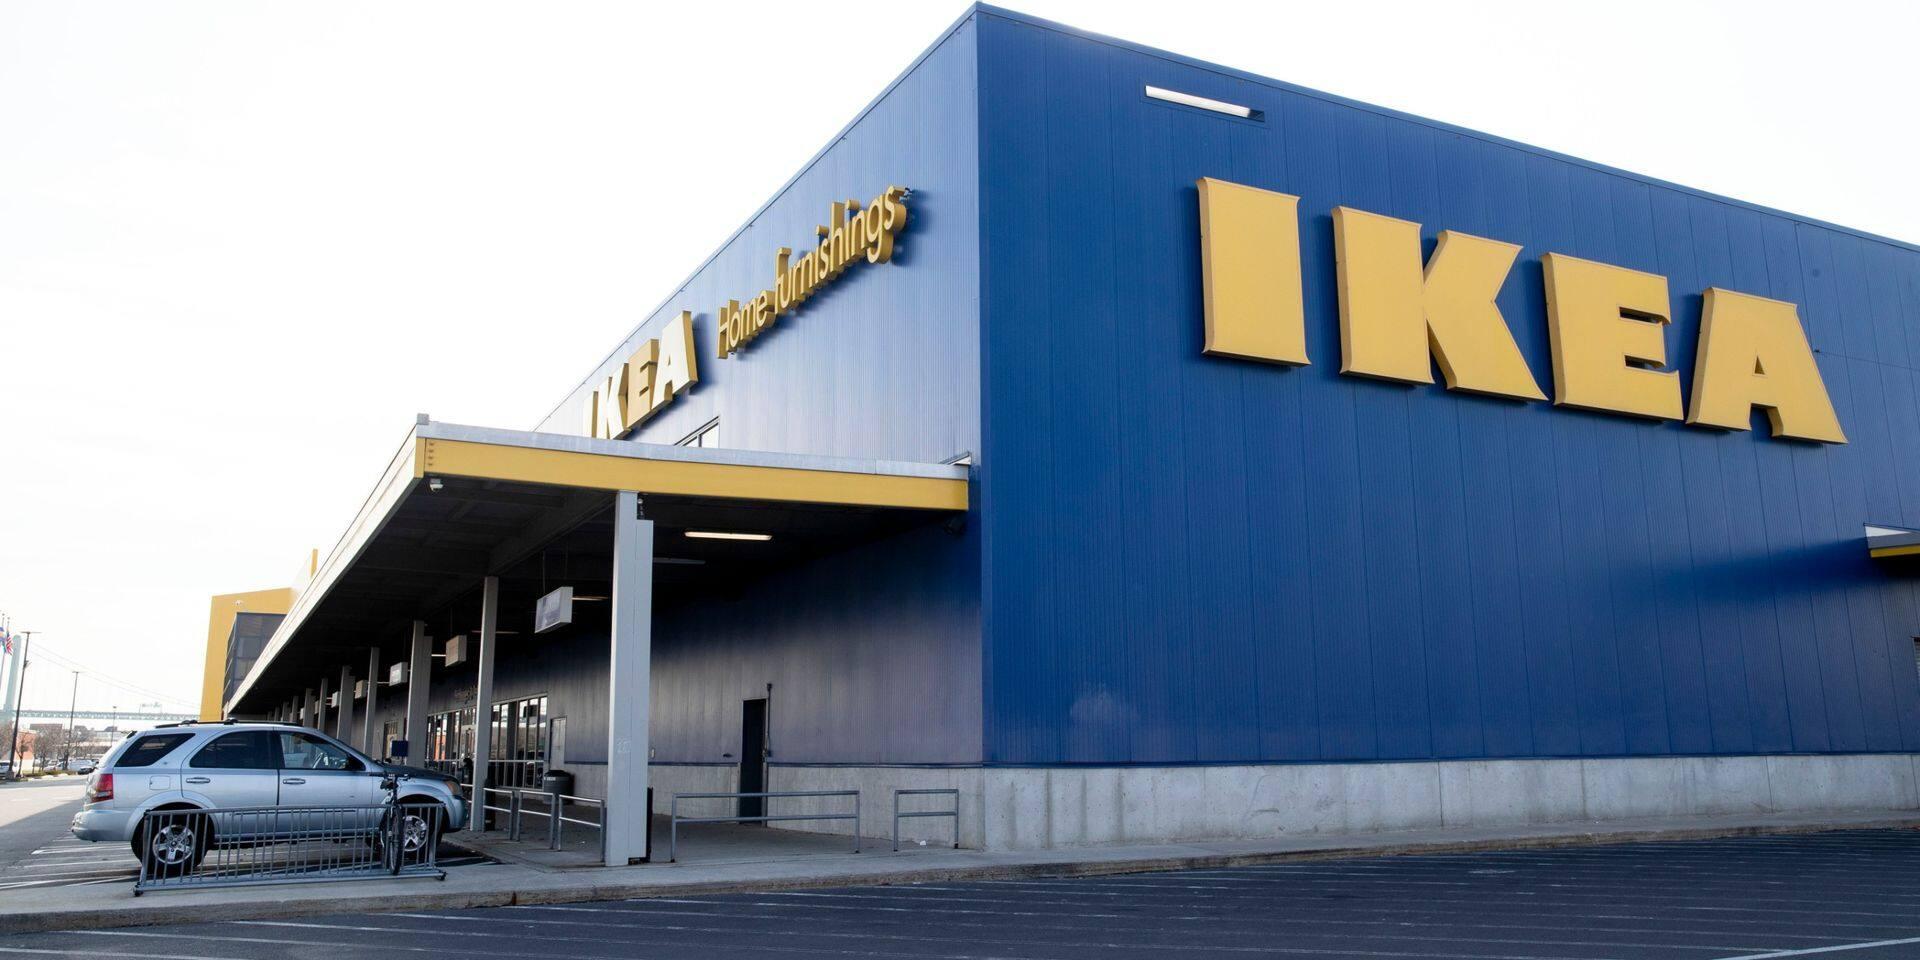 Panneau En Liège Ikea une influenceuse fait croire à ses followers qu'elle est à